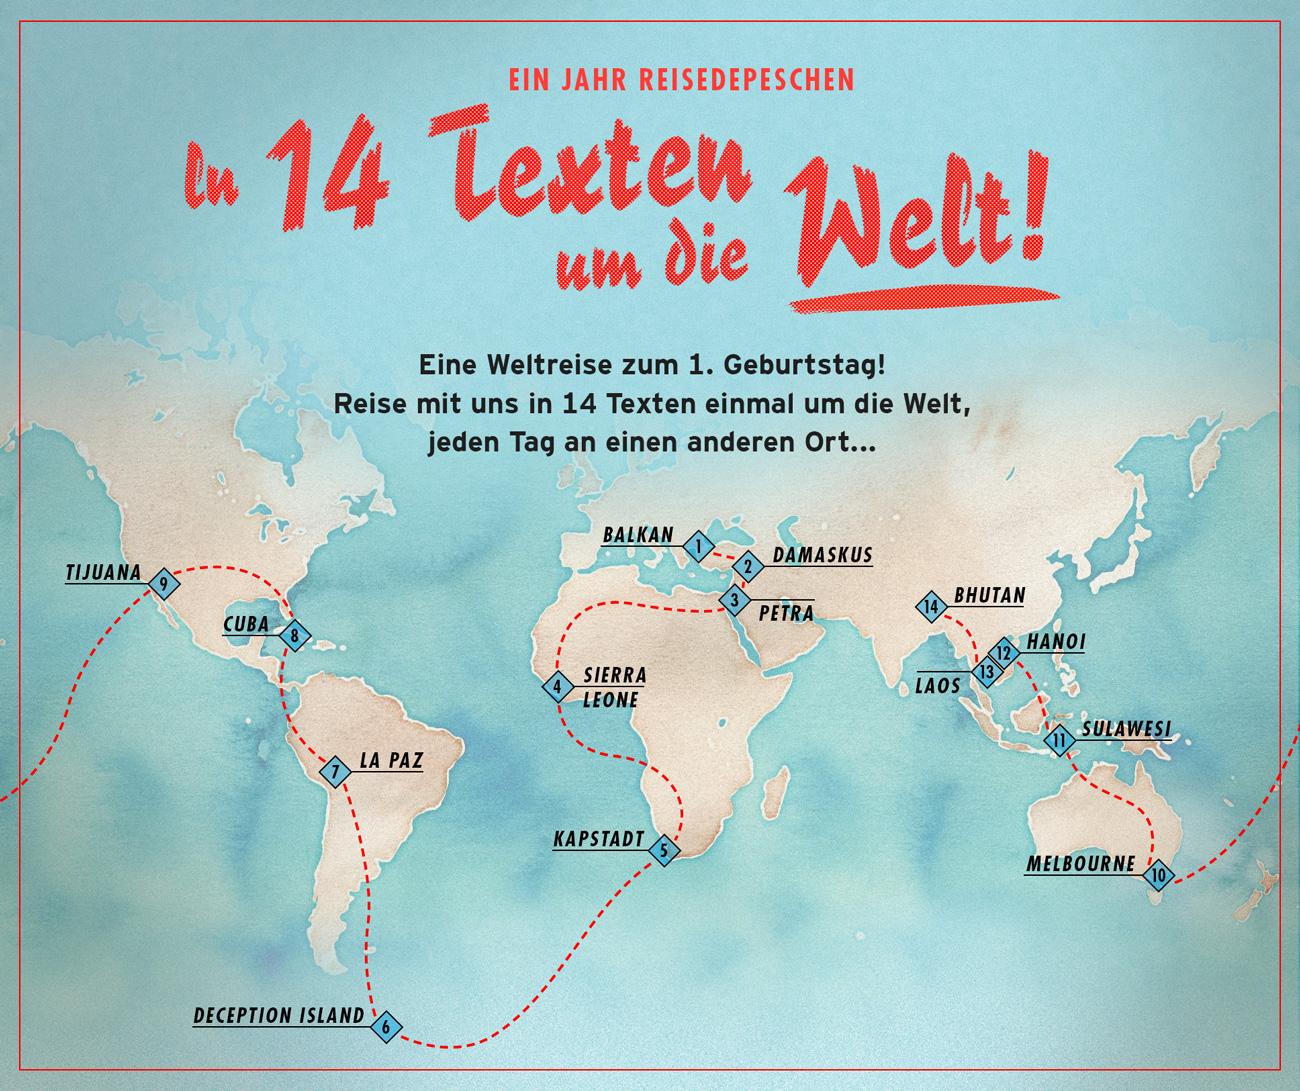 In-14-texten-um-die-Welt-Karte1